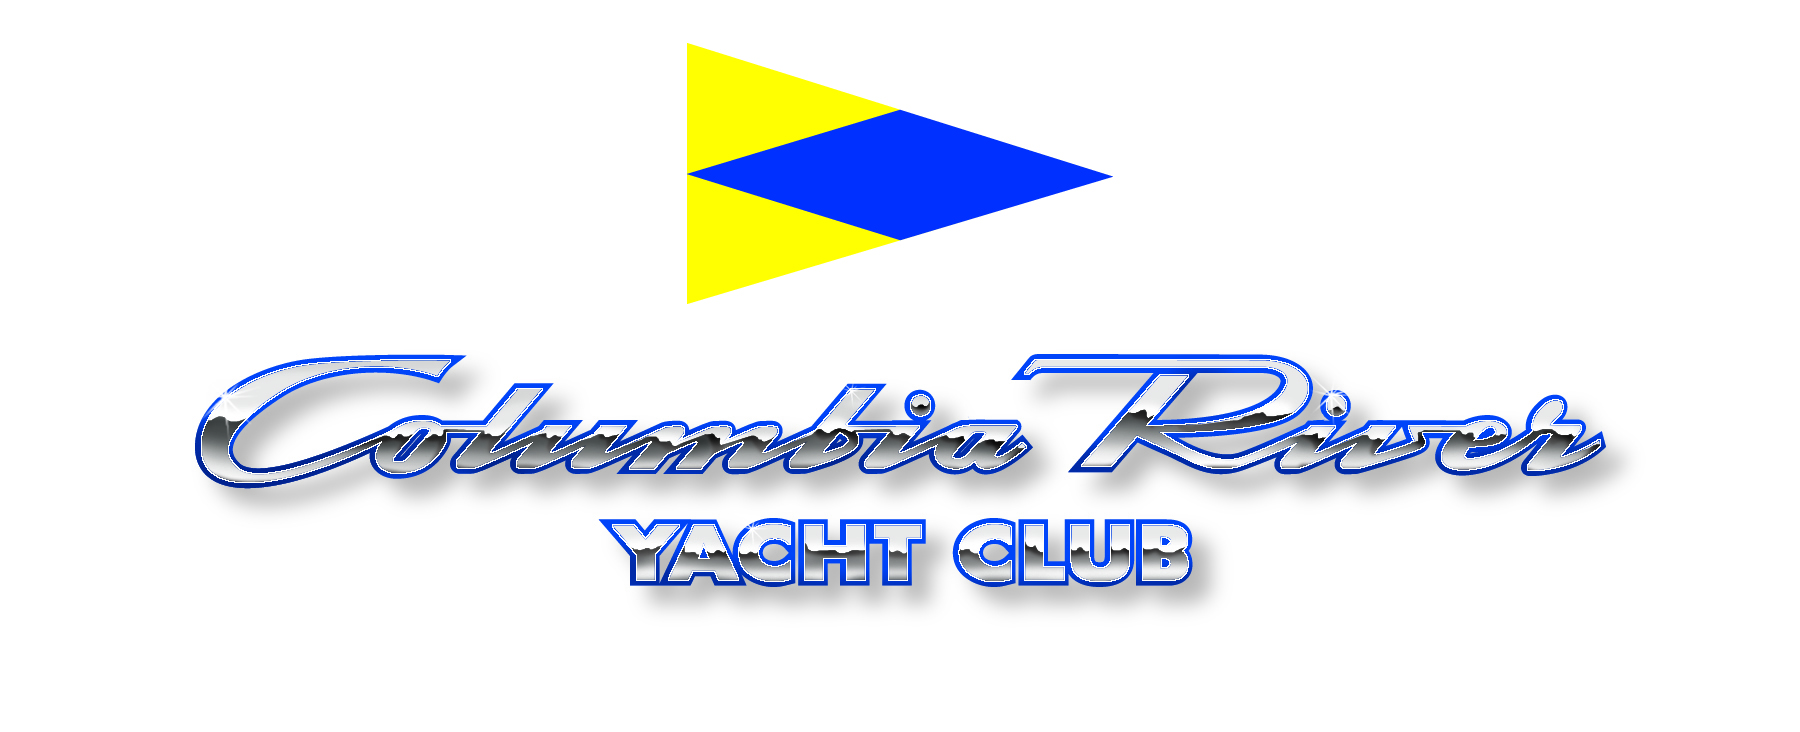 CRYC logo